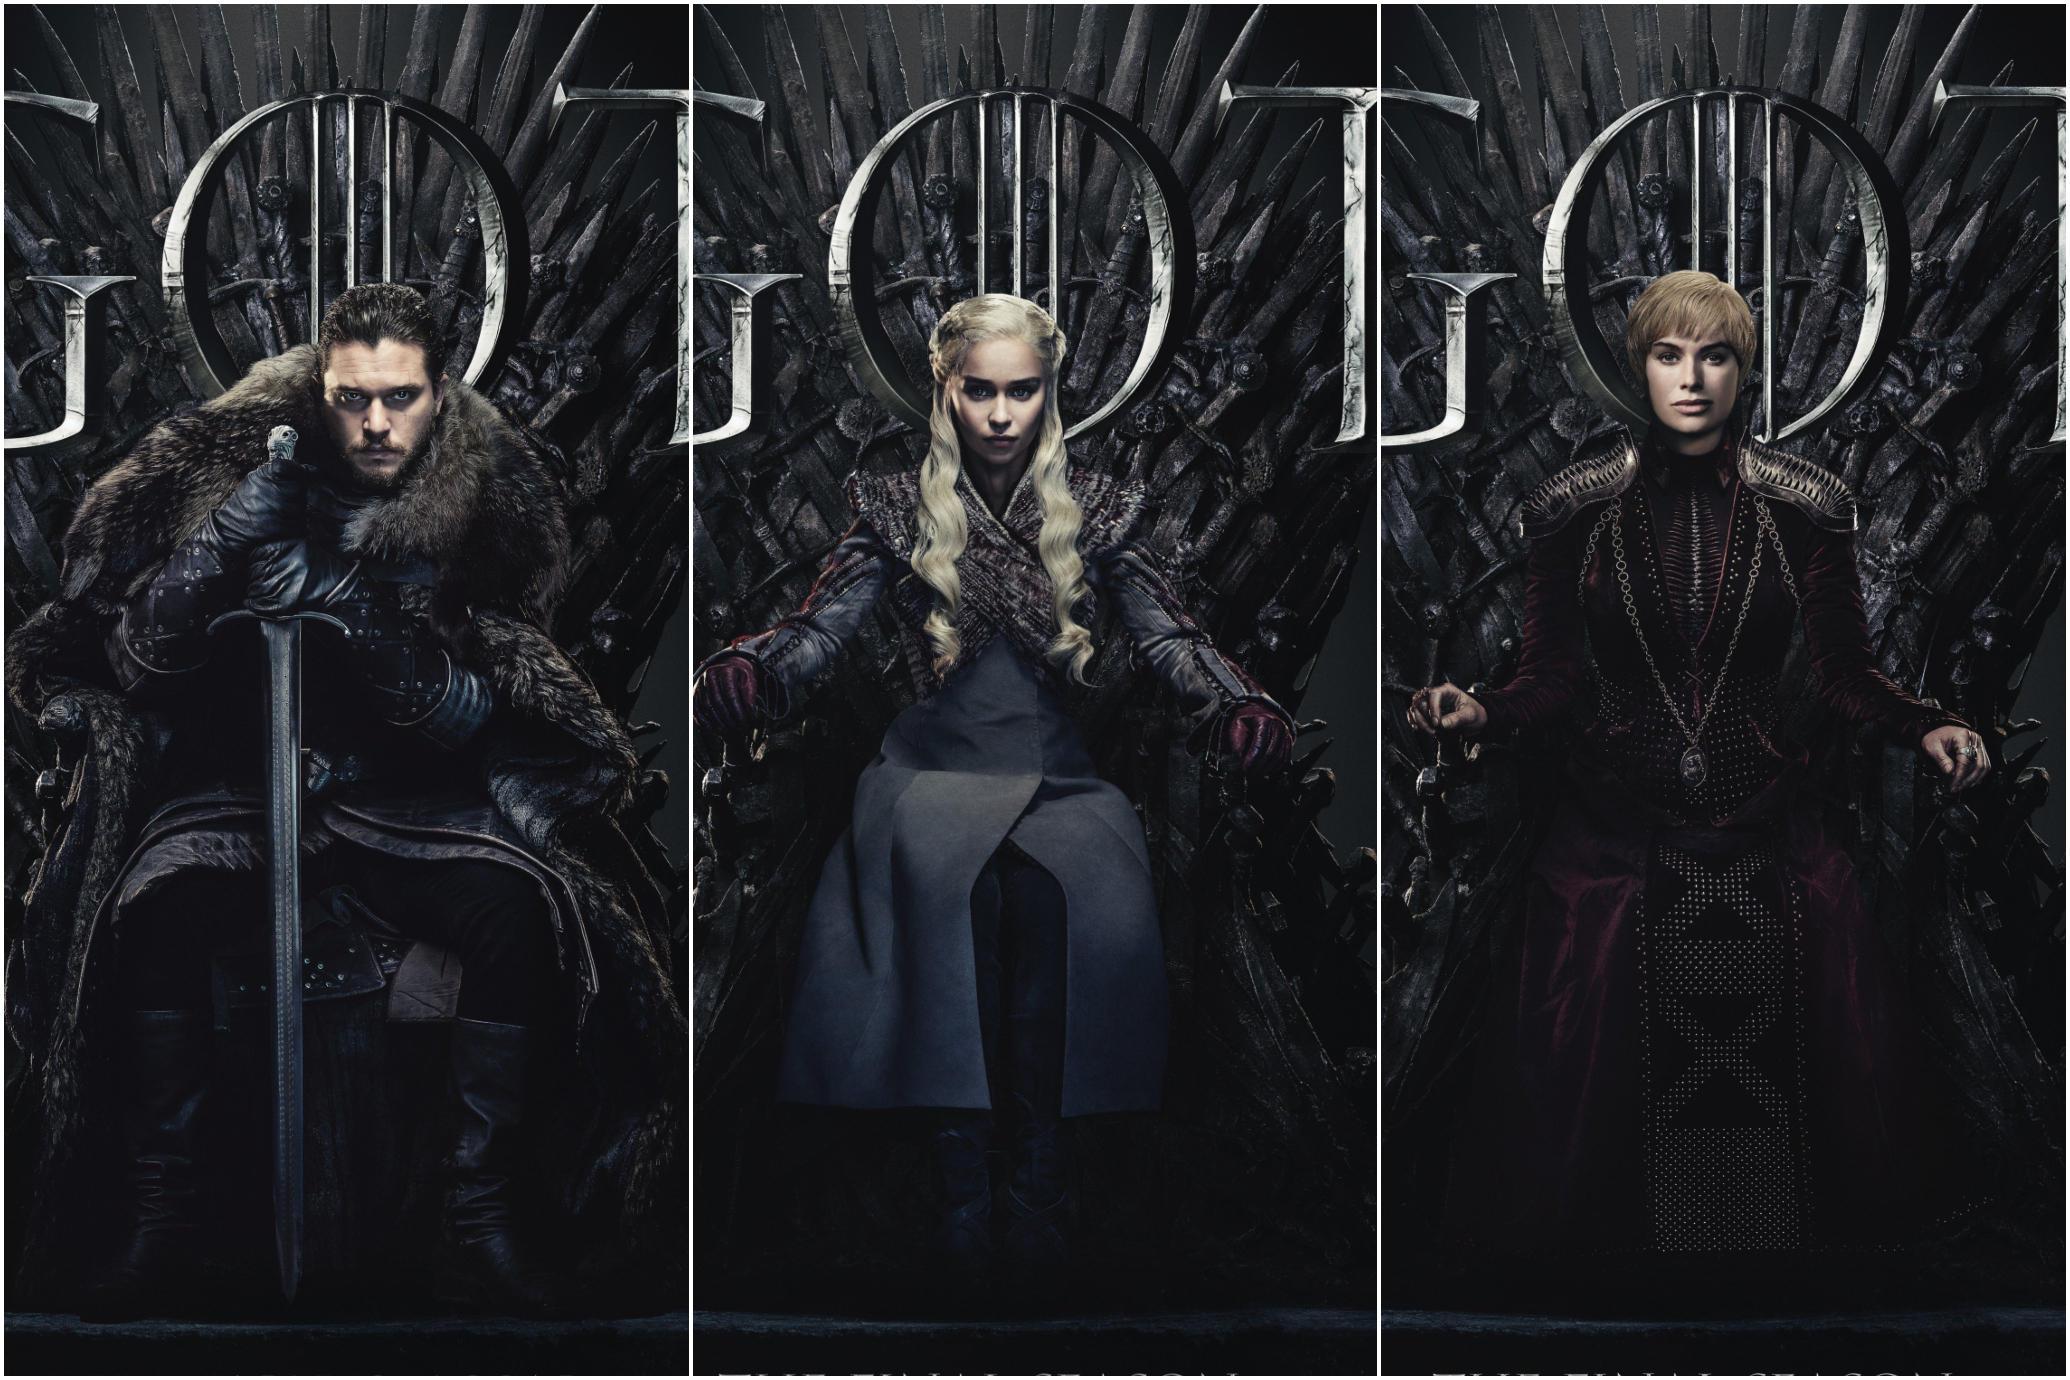 Hoi ket cua Avengers va Game of Thrones